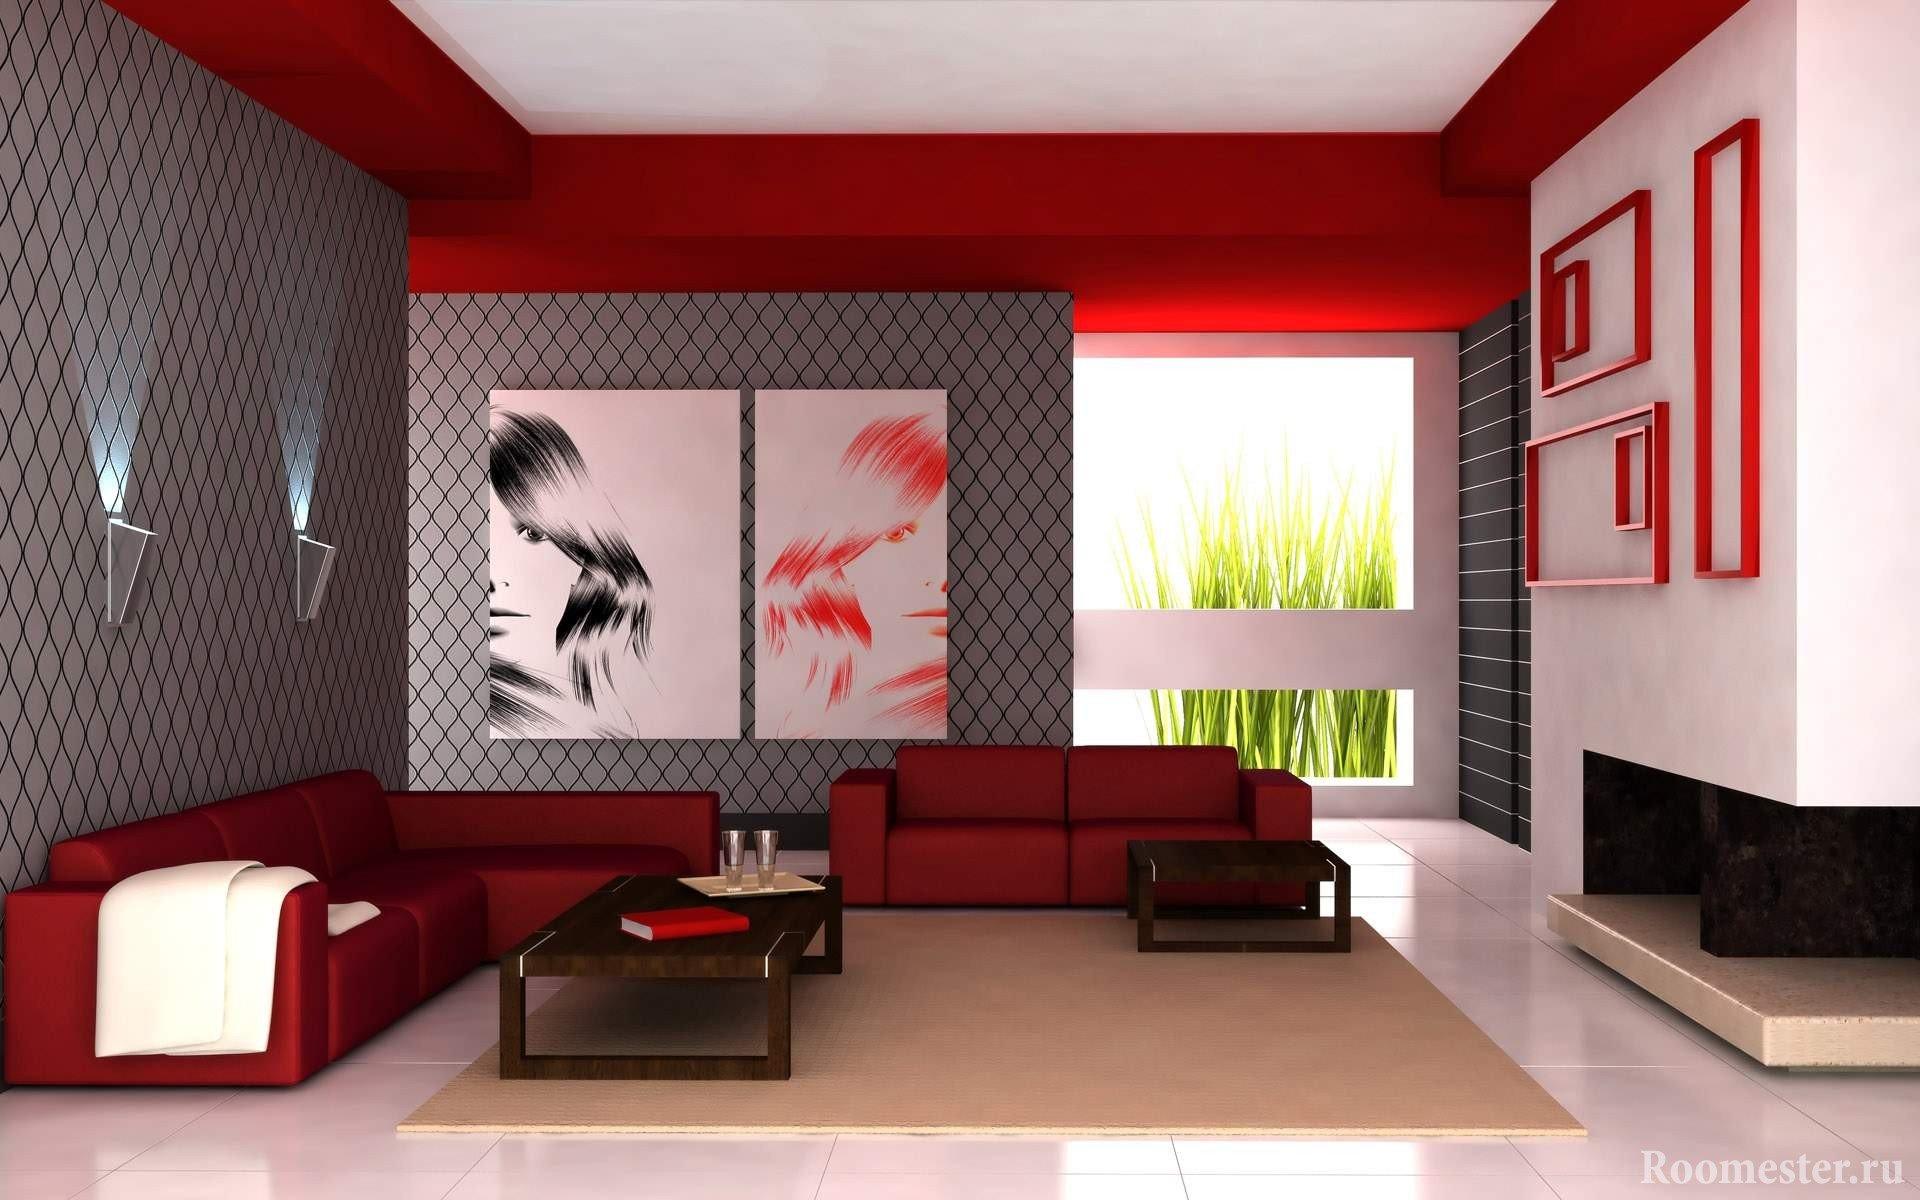 Сочетание белого, красного и серого цветов в гостиной